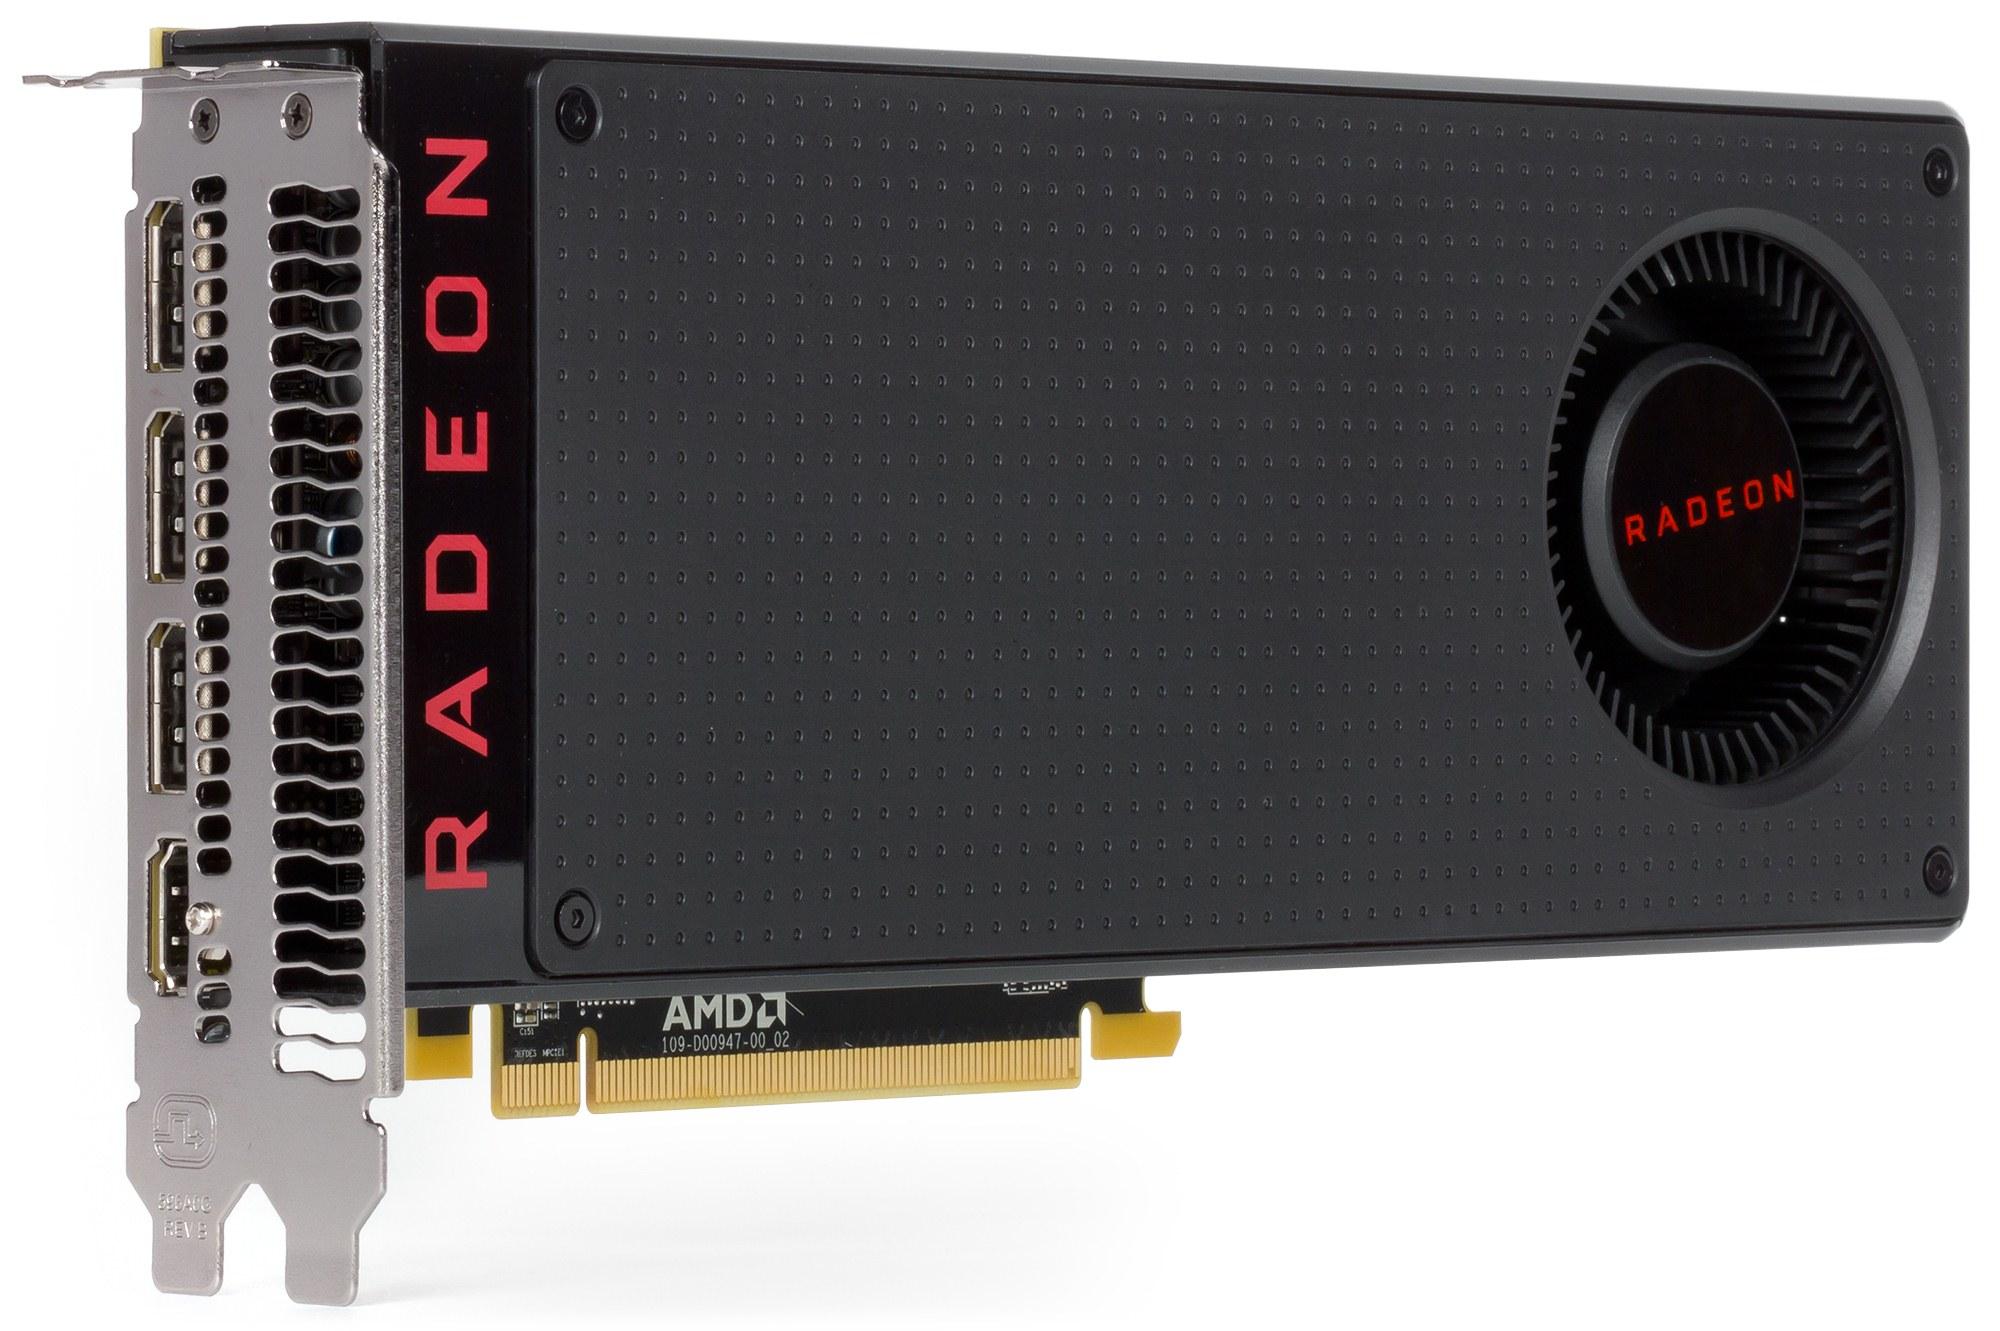 Перепрошивка Radeon RX 480 превращает 4-гигабайтную версию в